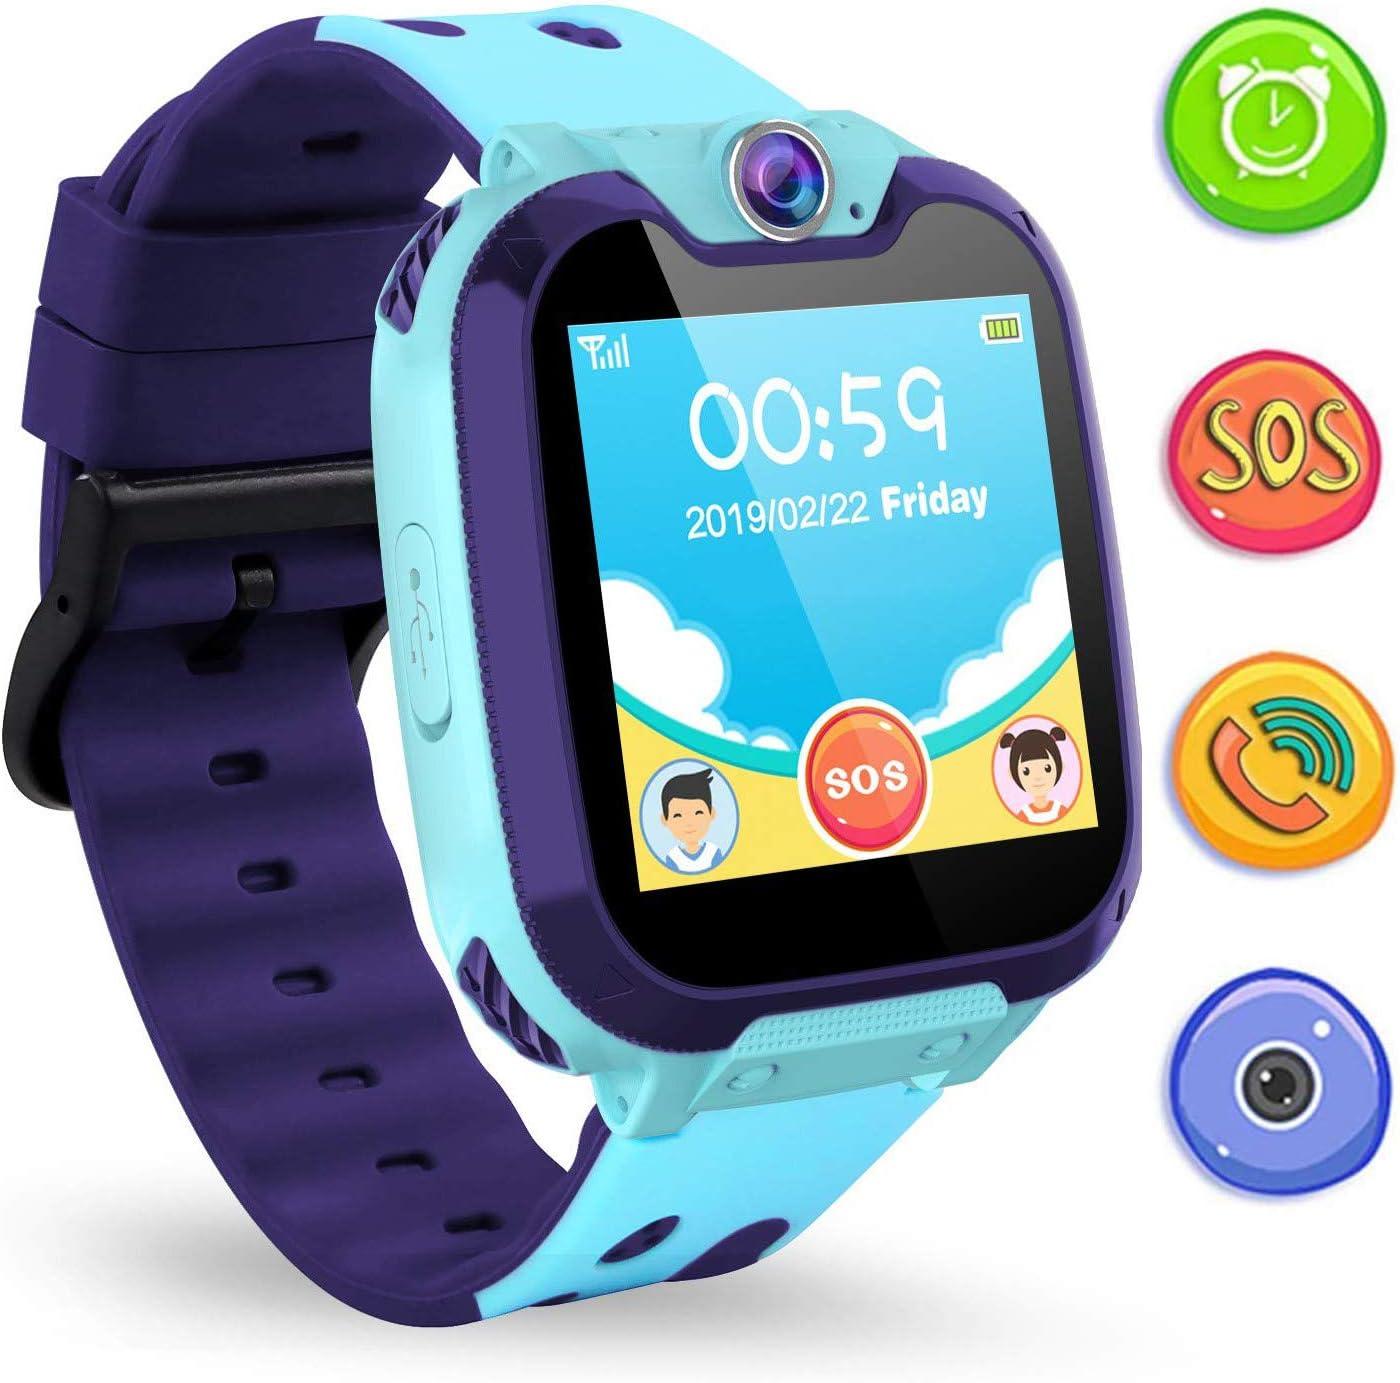 Jaybest Niños SmartWatch Phone - Niños Smartwatch con Linterna de Llamada SOS cámara Pantalla táctil Juego Smartwatch Childrens Gift(Azul)